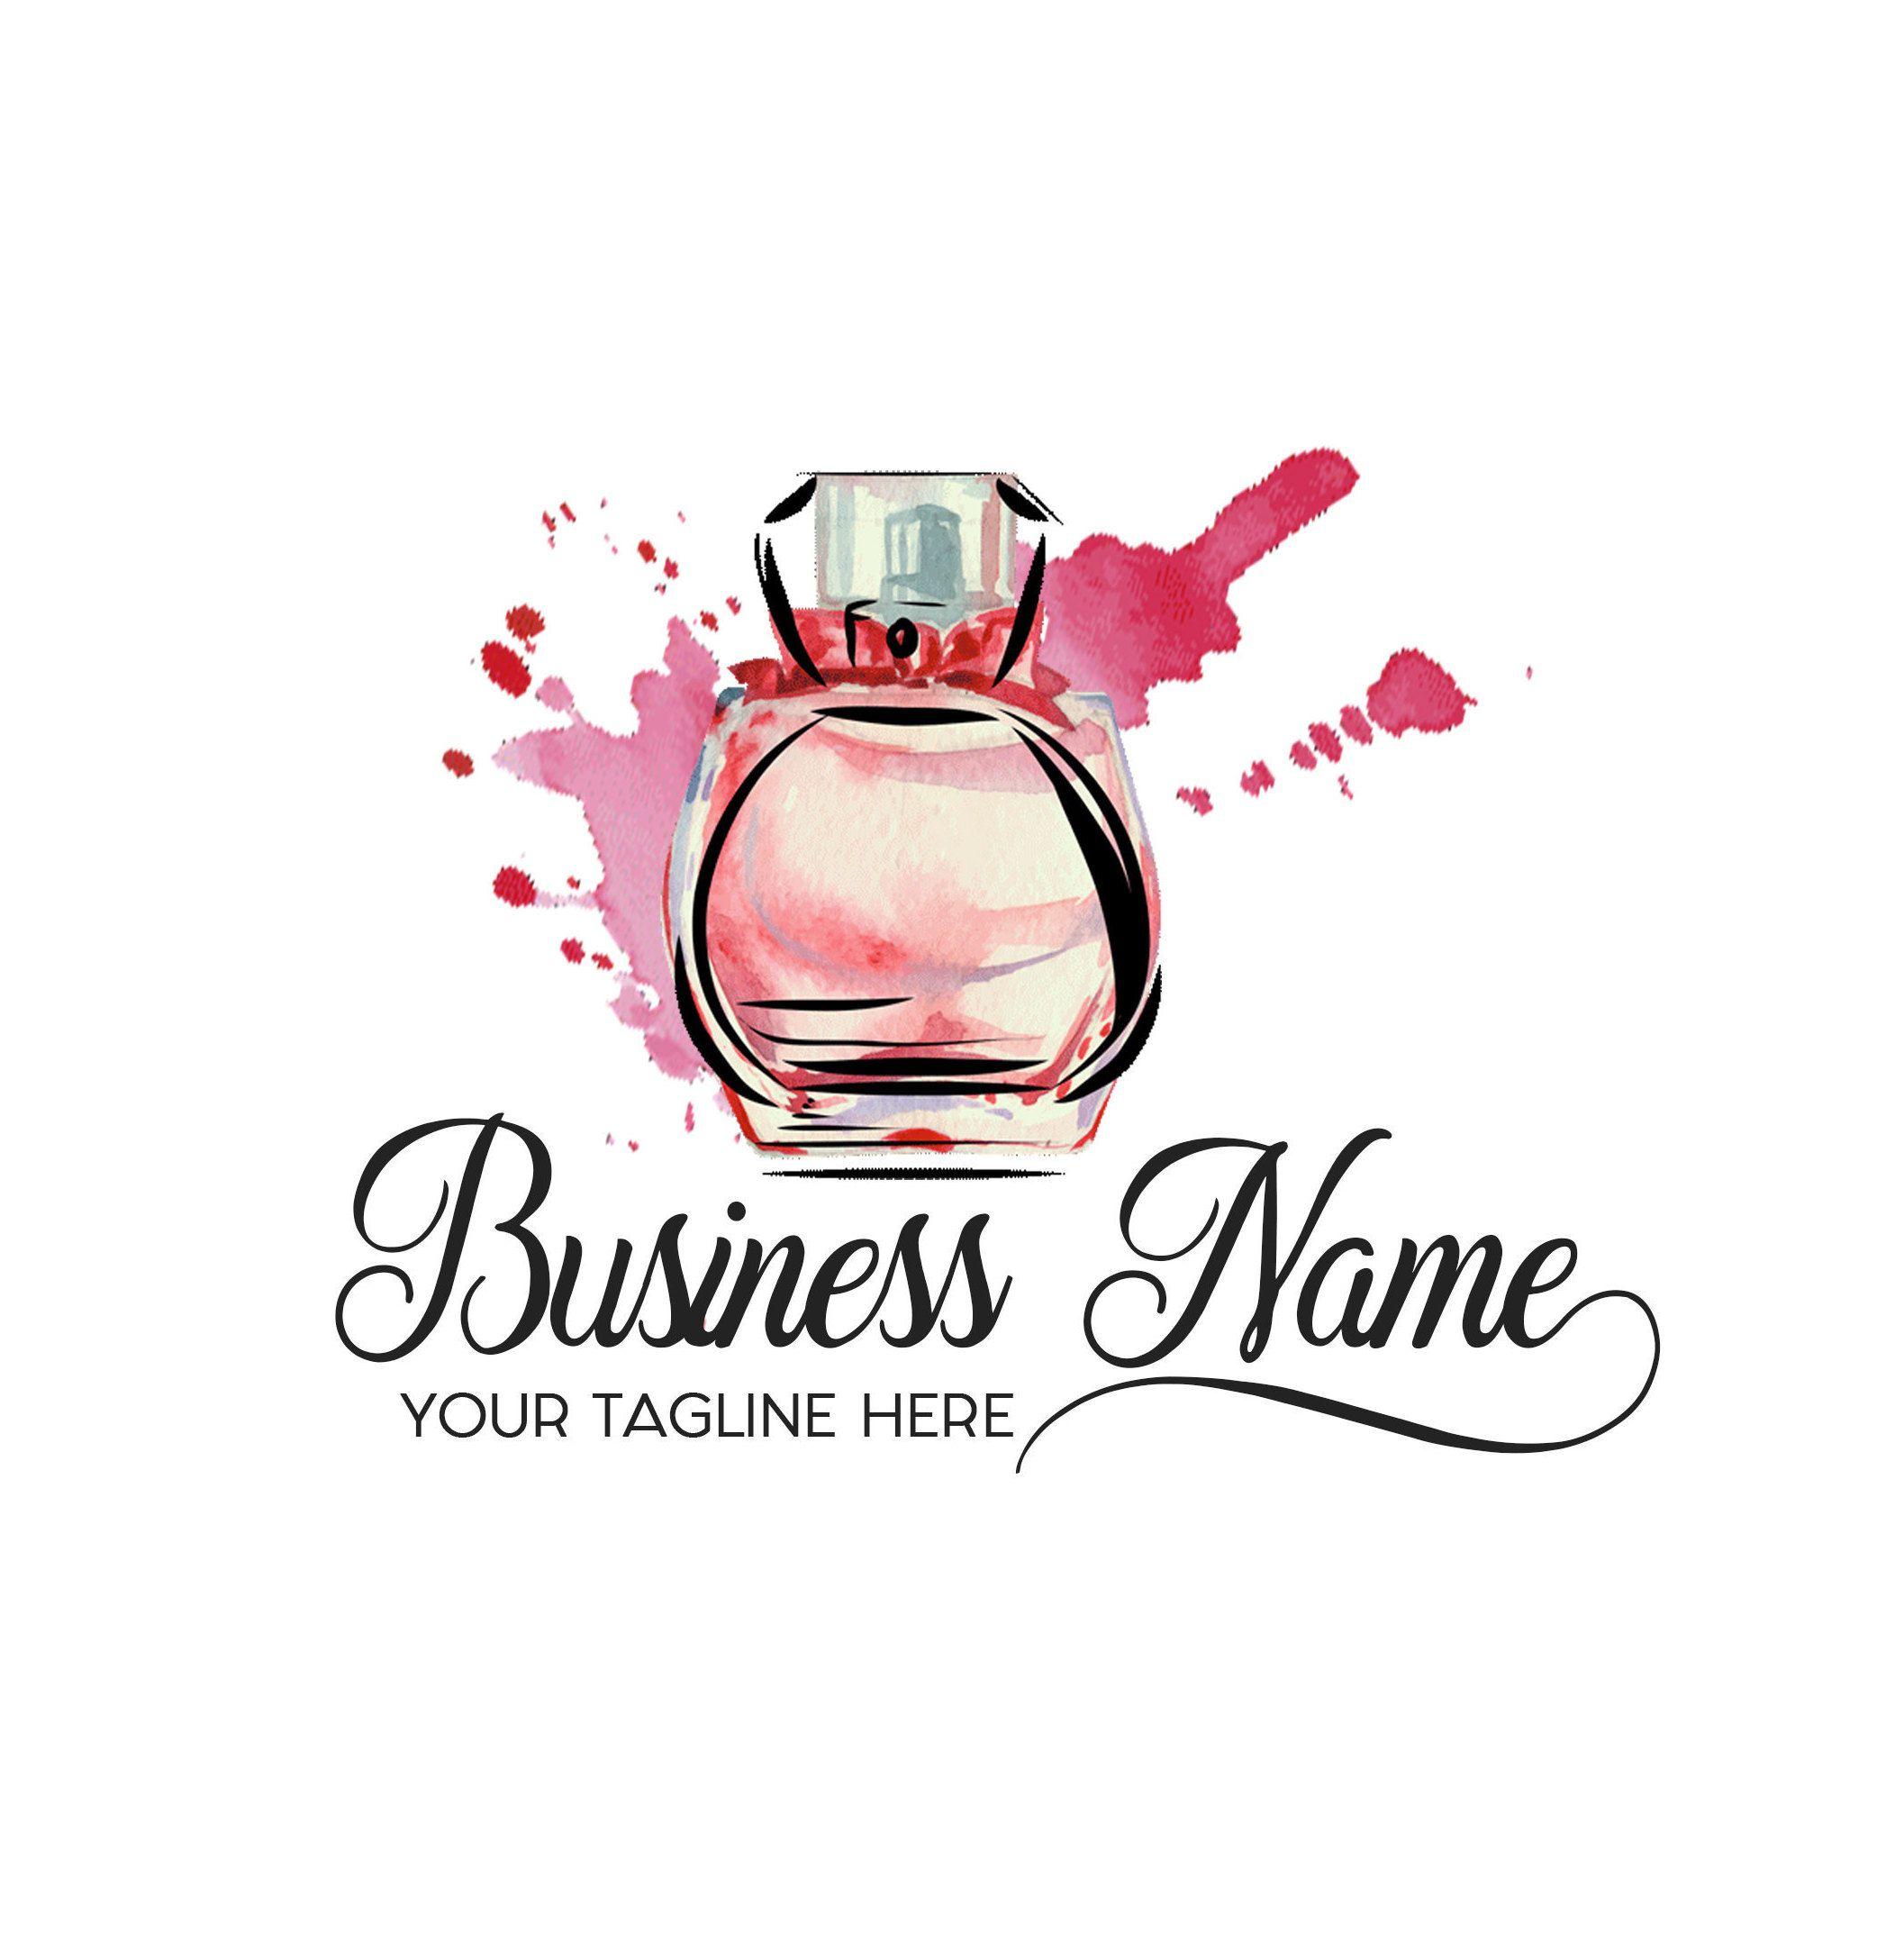 Perfume Logo Beauty Logo Perfume Bottle Logo Fragrance Logo Design Scent Logo Design Logotipo Cosmeticos Coisas De Maquiagem Ideias De Logomarca